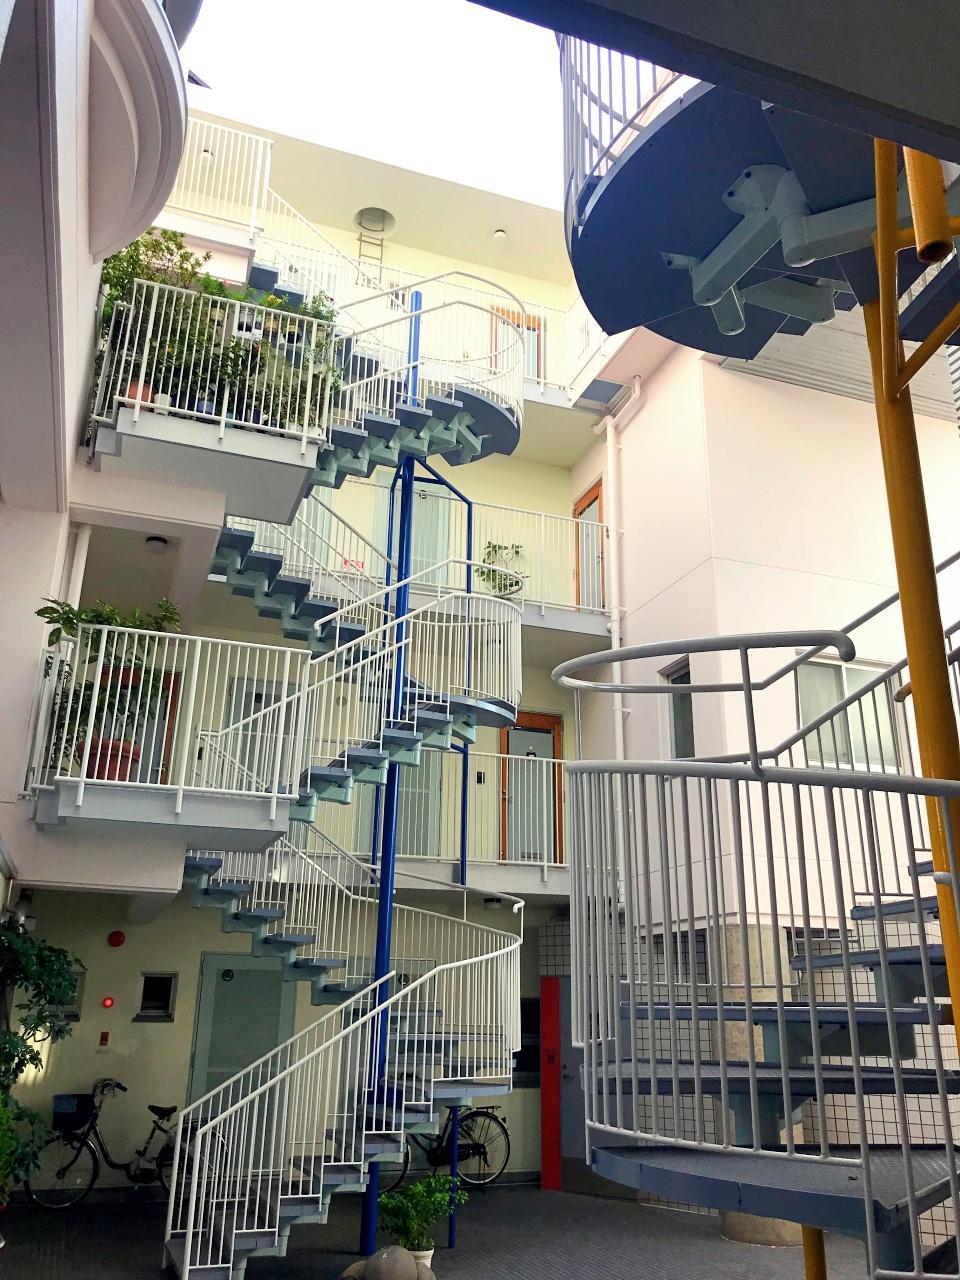 各フロアの階段踊場に、住人の育てる植物が